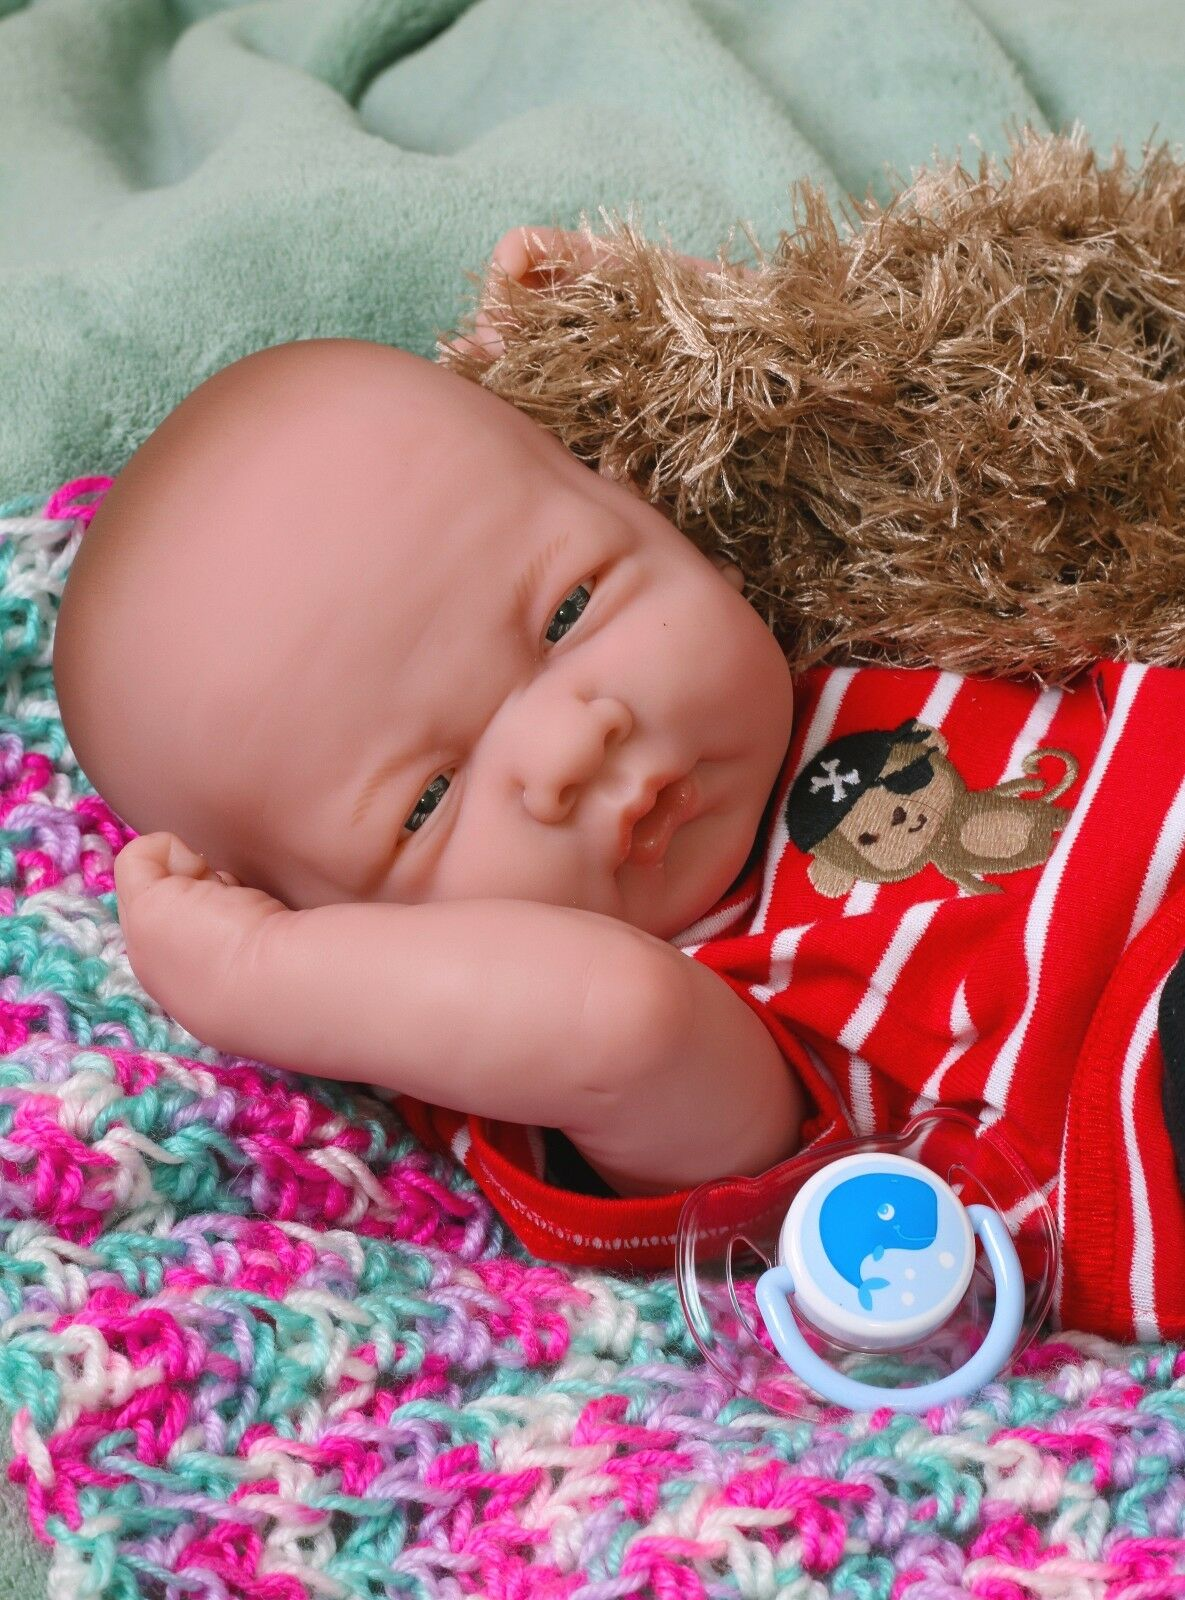 Bambino Bambola Berenguer 14    Reale Alive Morbido Vinile Prem. Fatto a uomoo  autentico